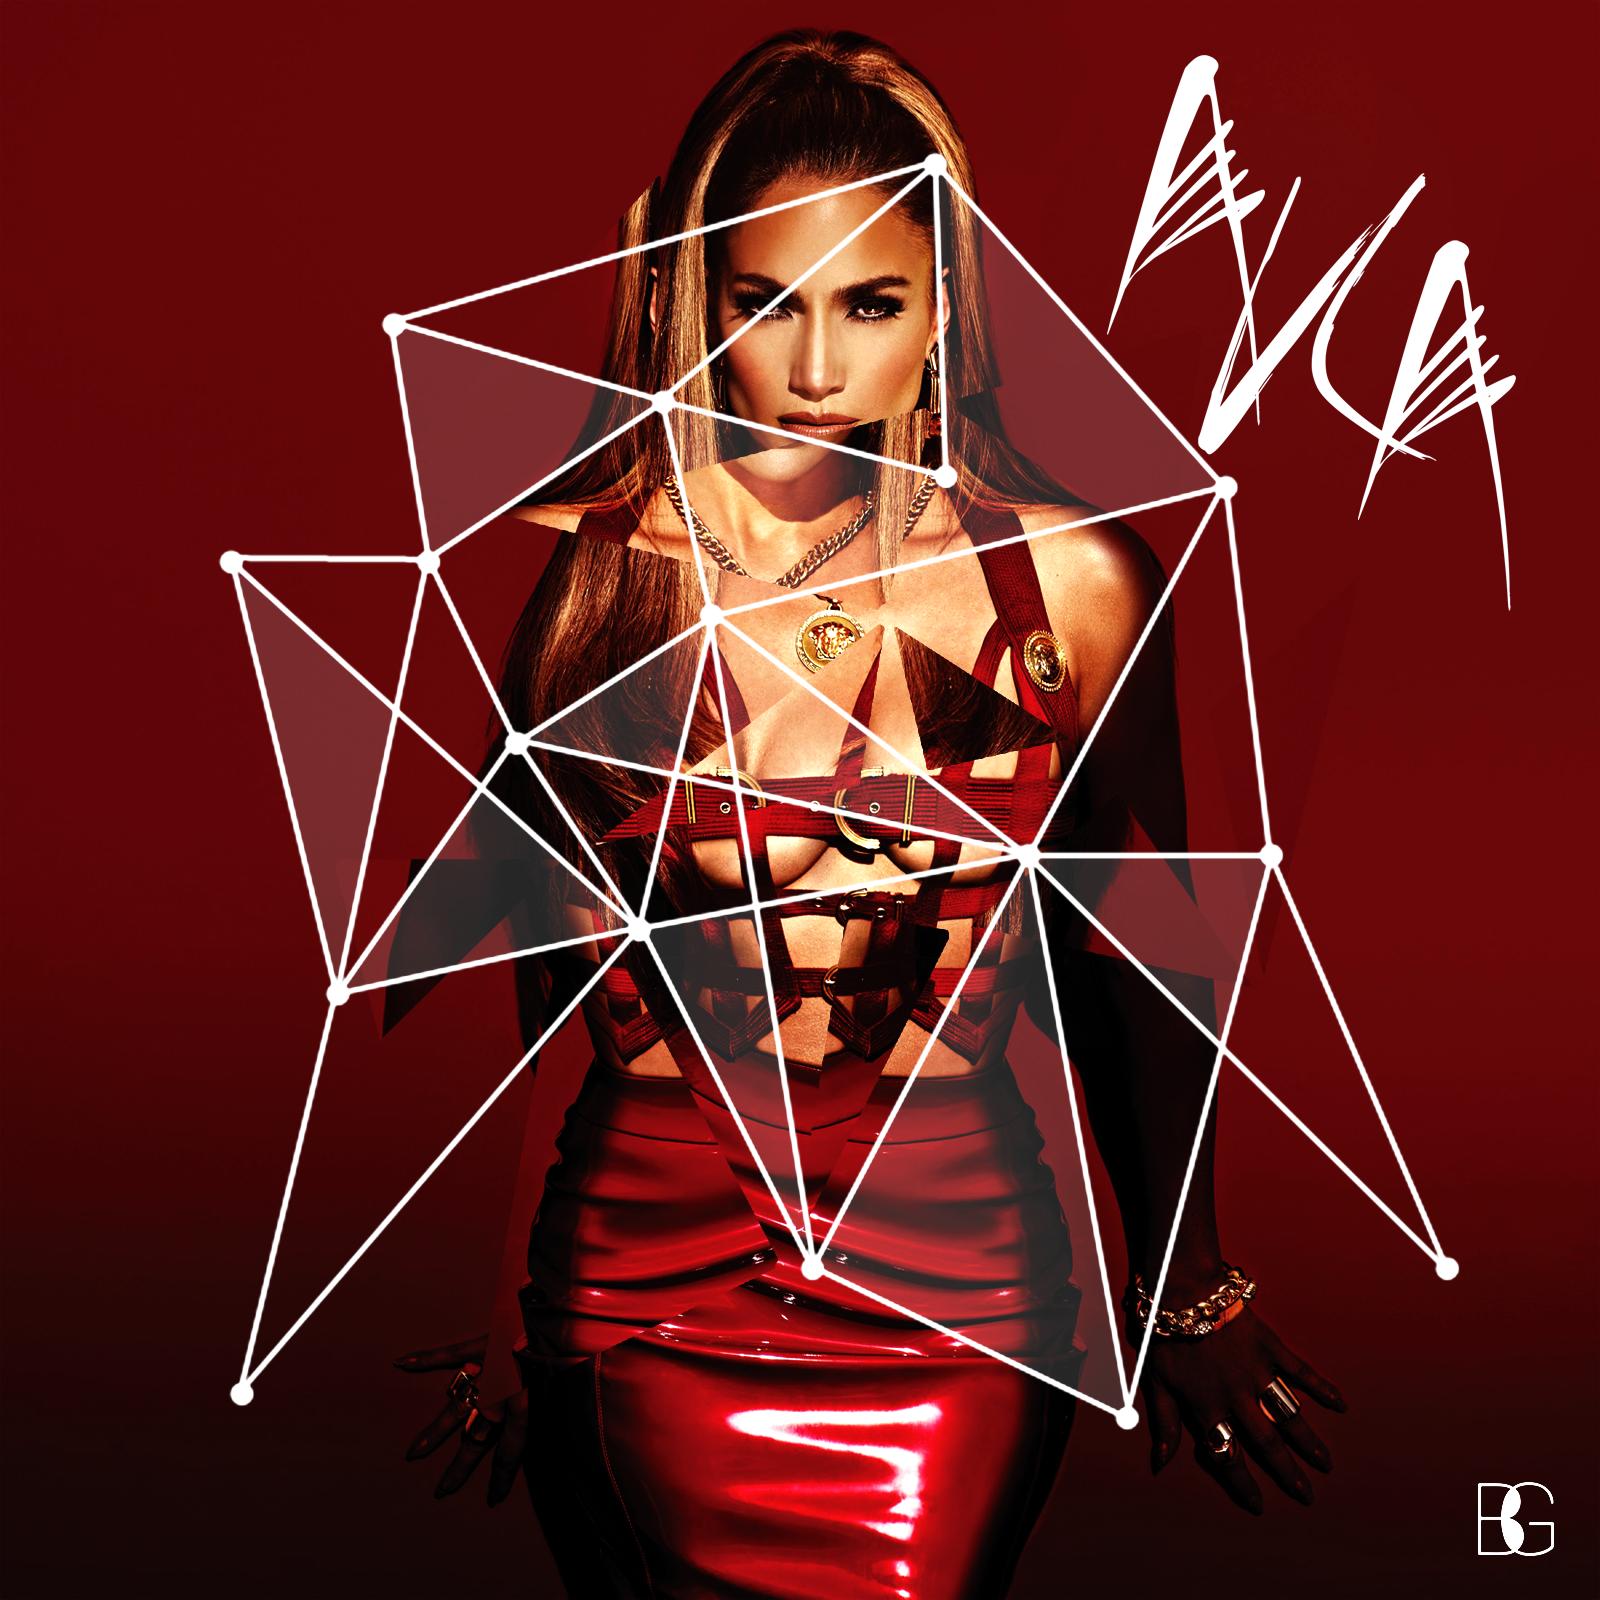 Jennifer Lopez - A.K.A